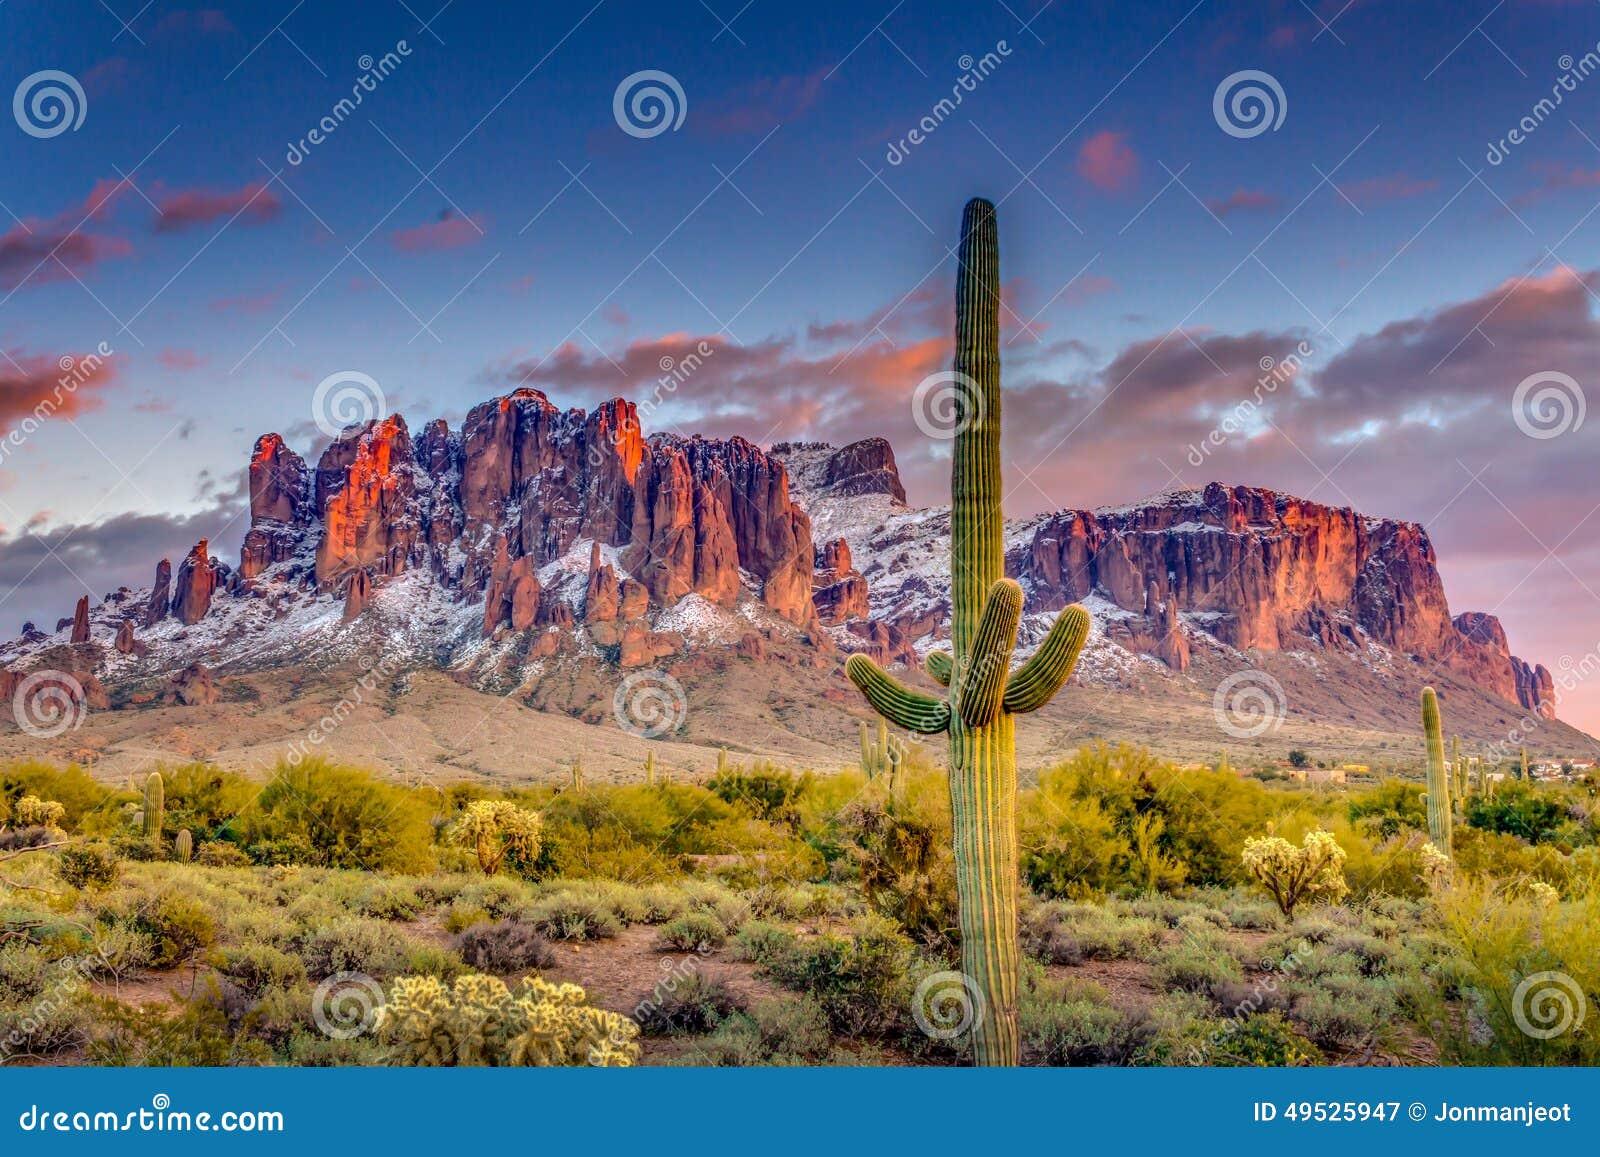 Горы Аризона суеверия